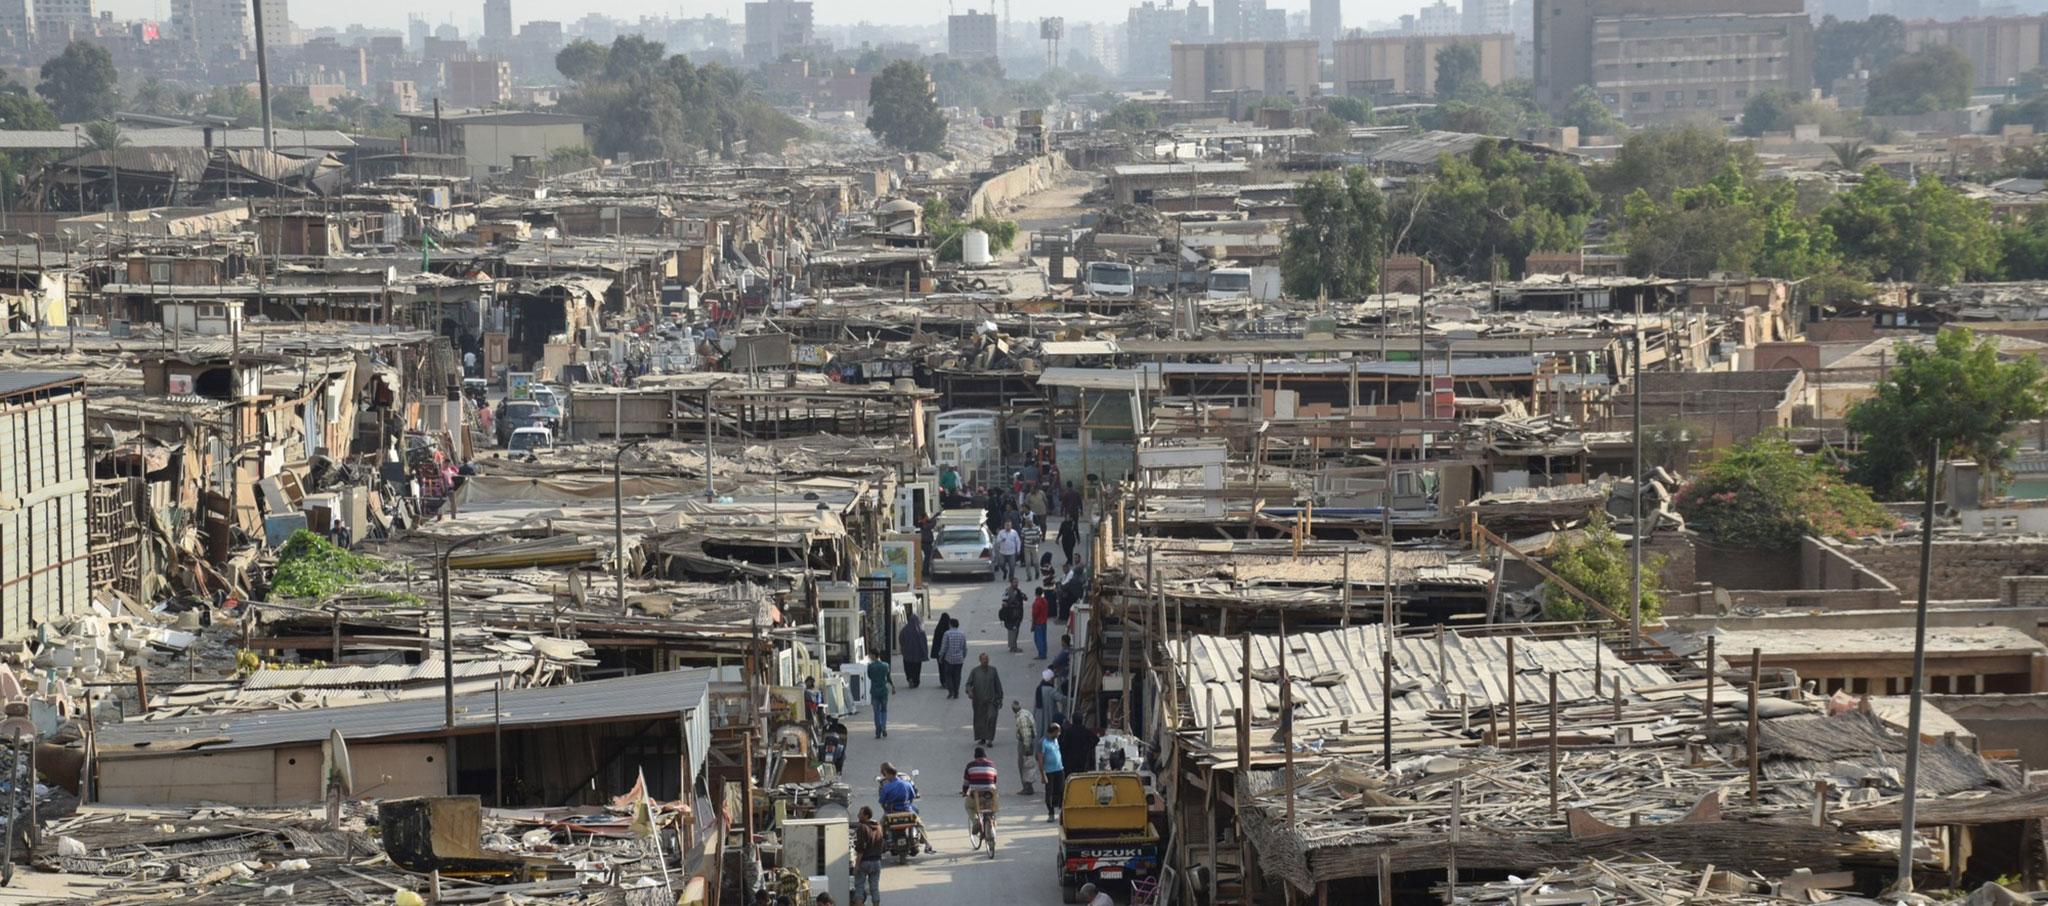 Vista aérea del mercado de viernes. Souq Aljuma por los comisarios